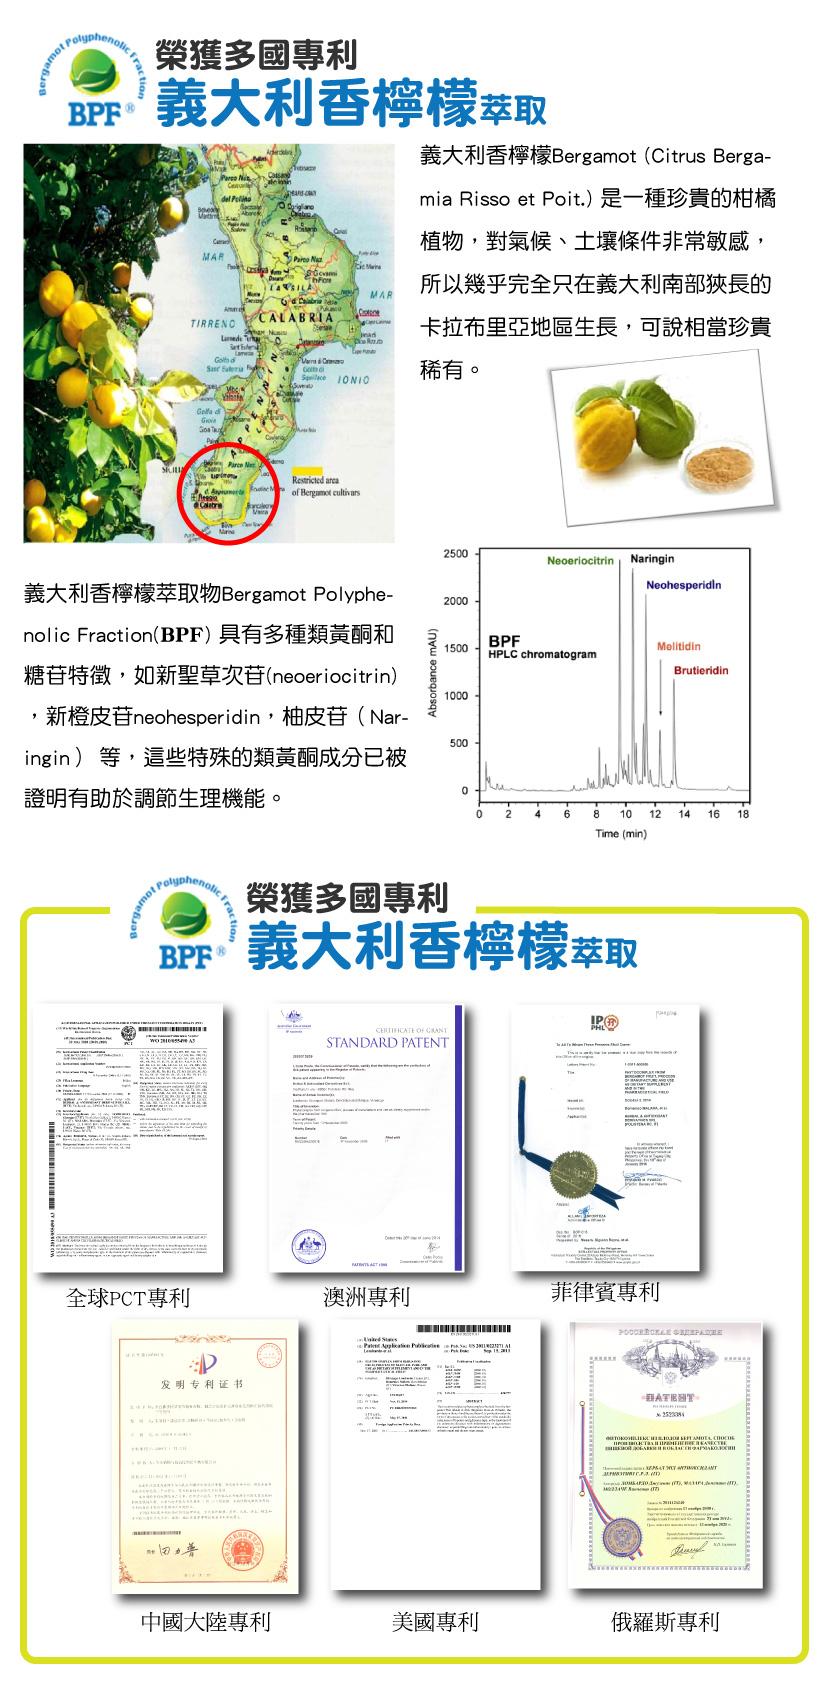 BPF義大利香檸檬,多國專利,調理生理機能